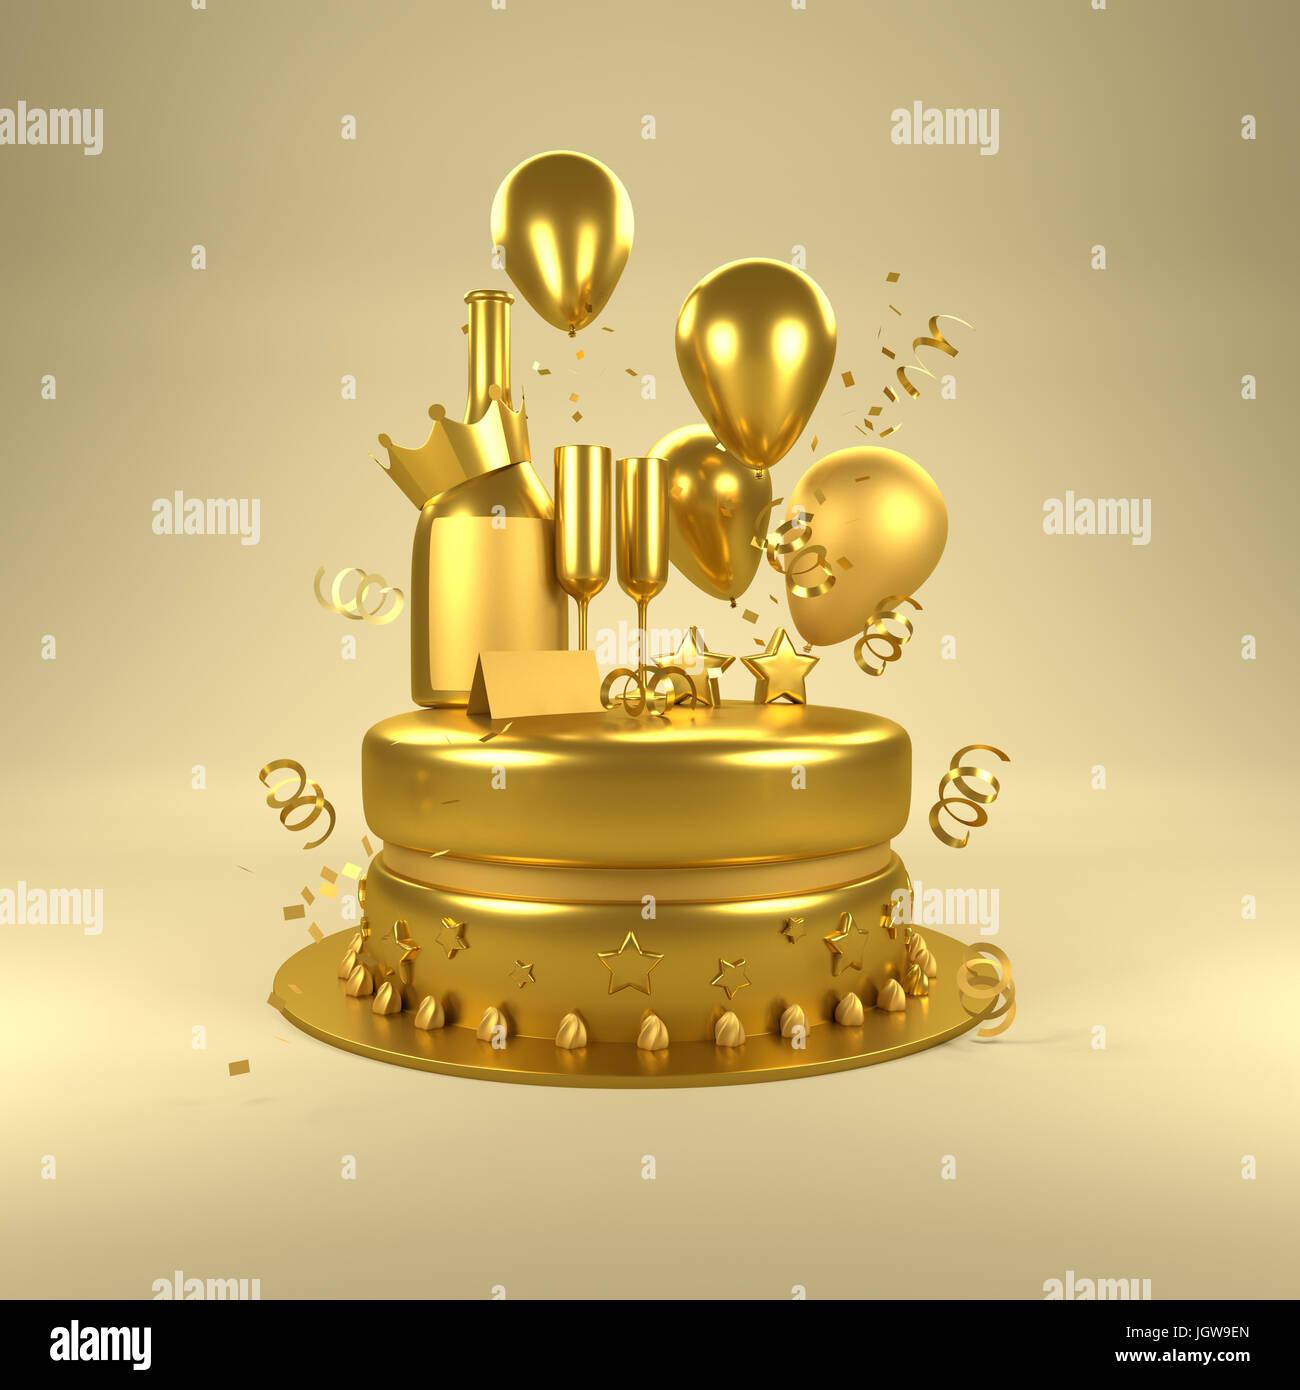 Anniversaire surprise d'or. Des fêtes d'anniversaire avec des ballons d'or, l'or des verres Photo Stock